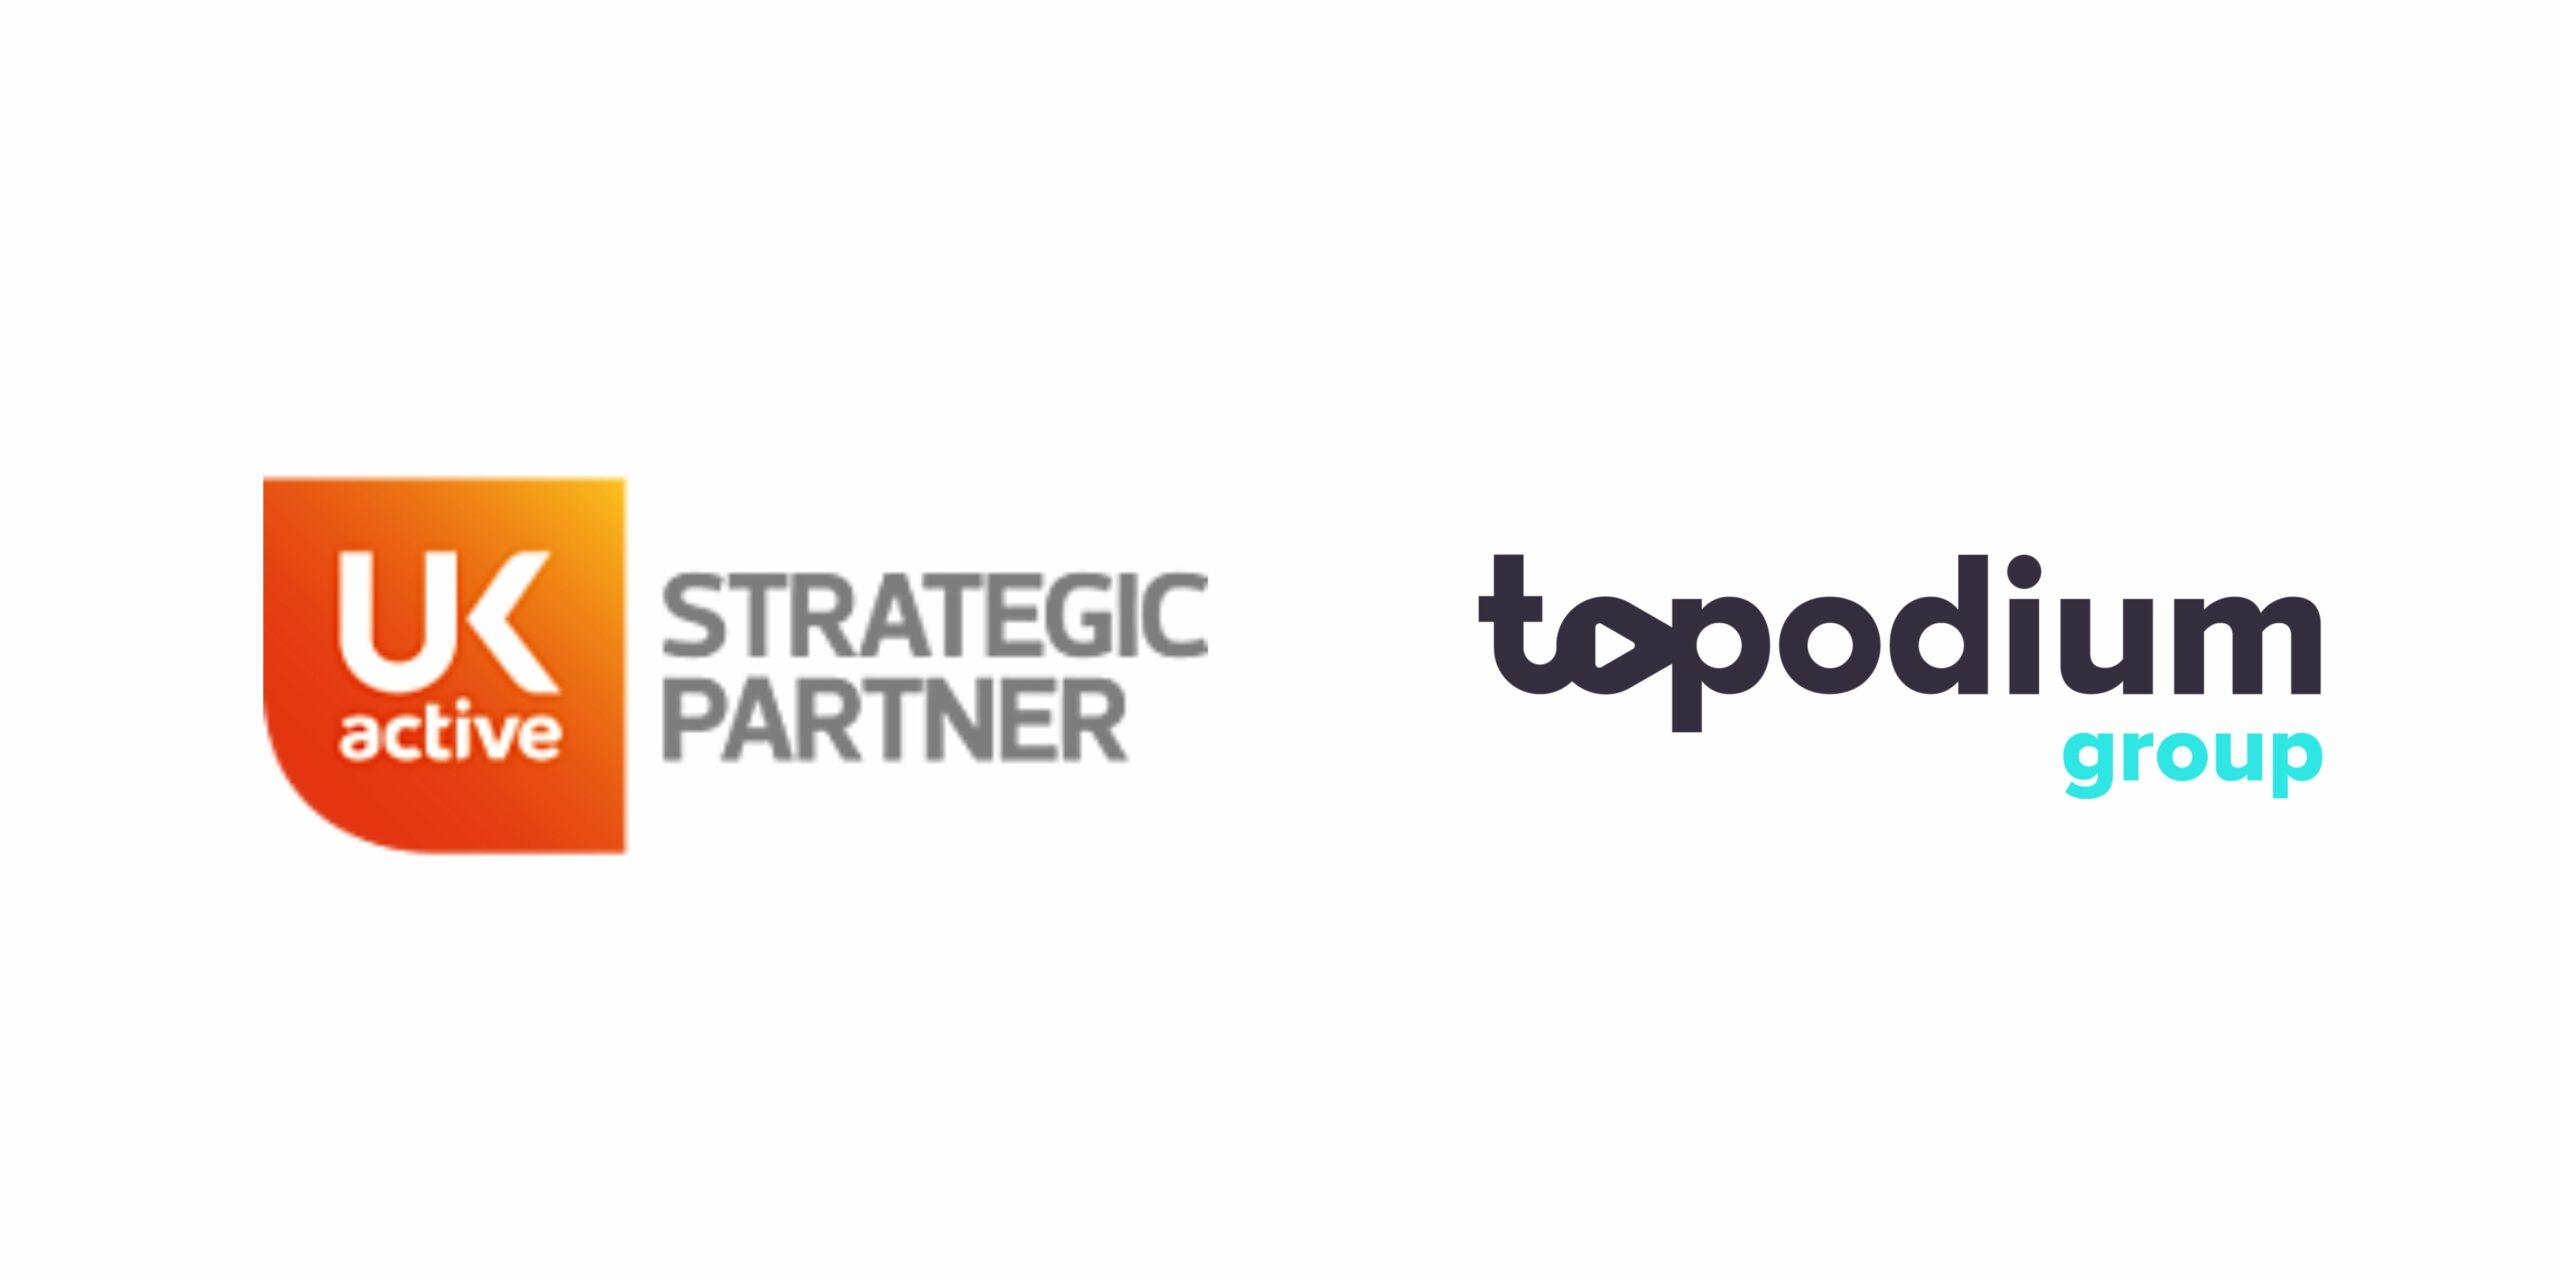 ukactive strategic partnership topodium group